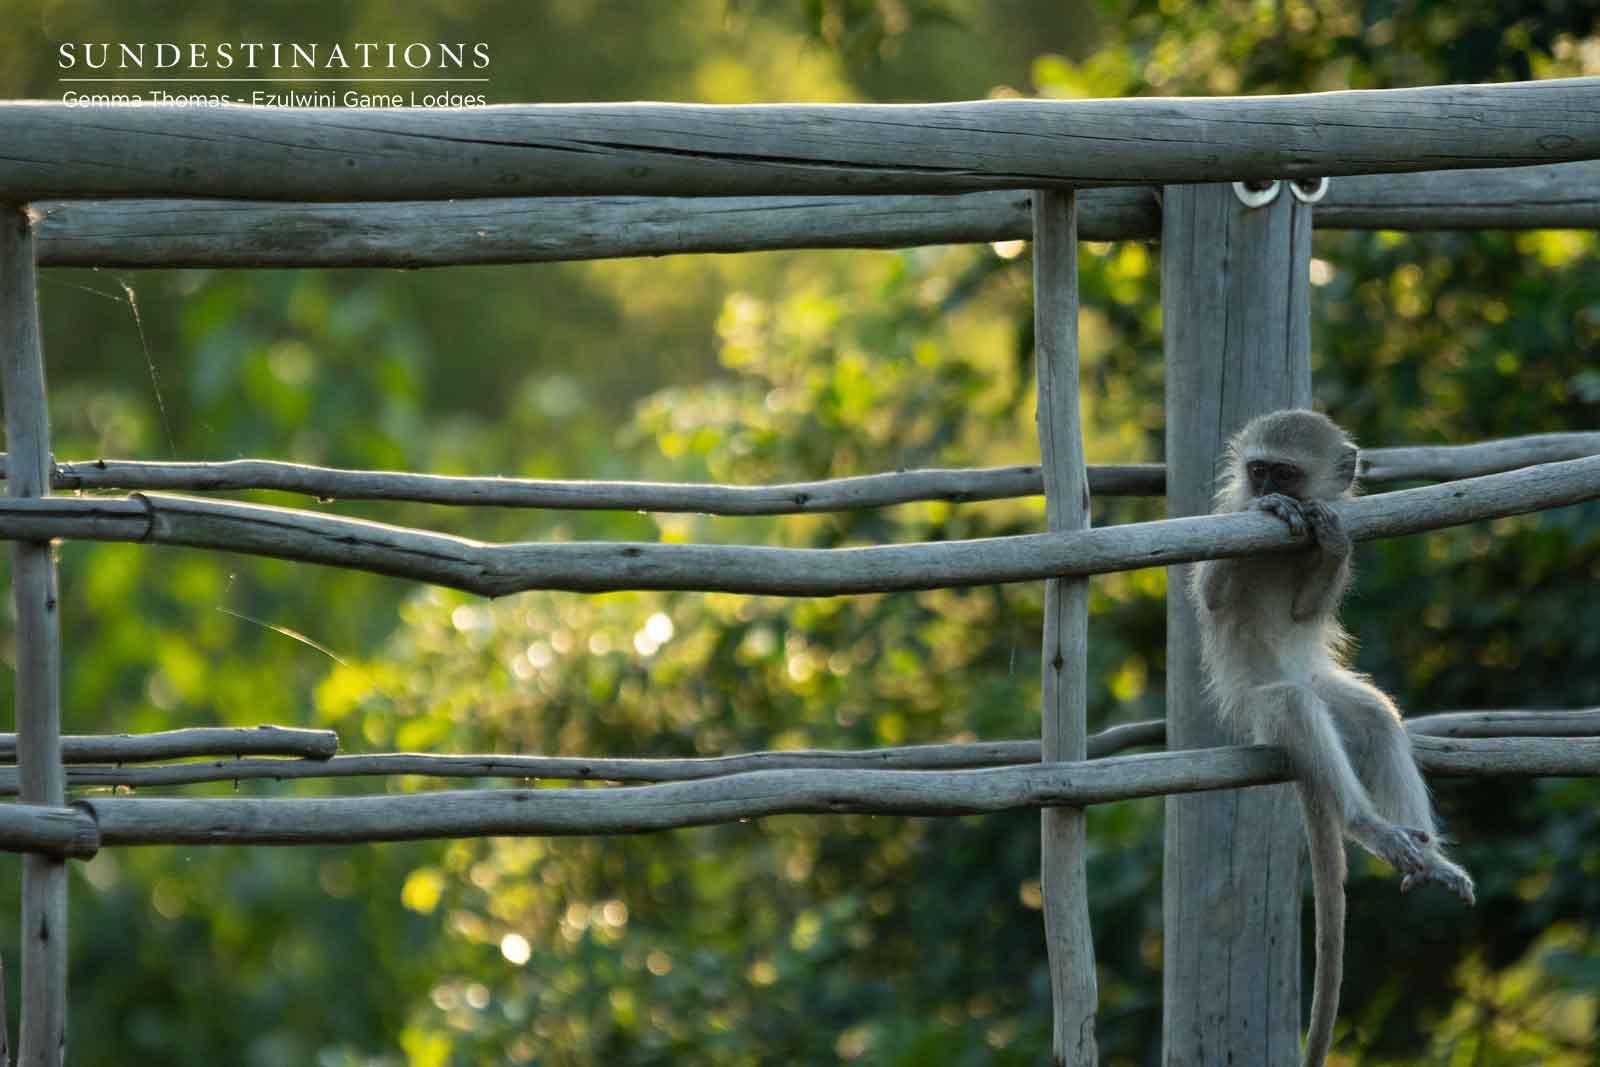 Ezulwini Vervet Monkey